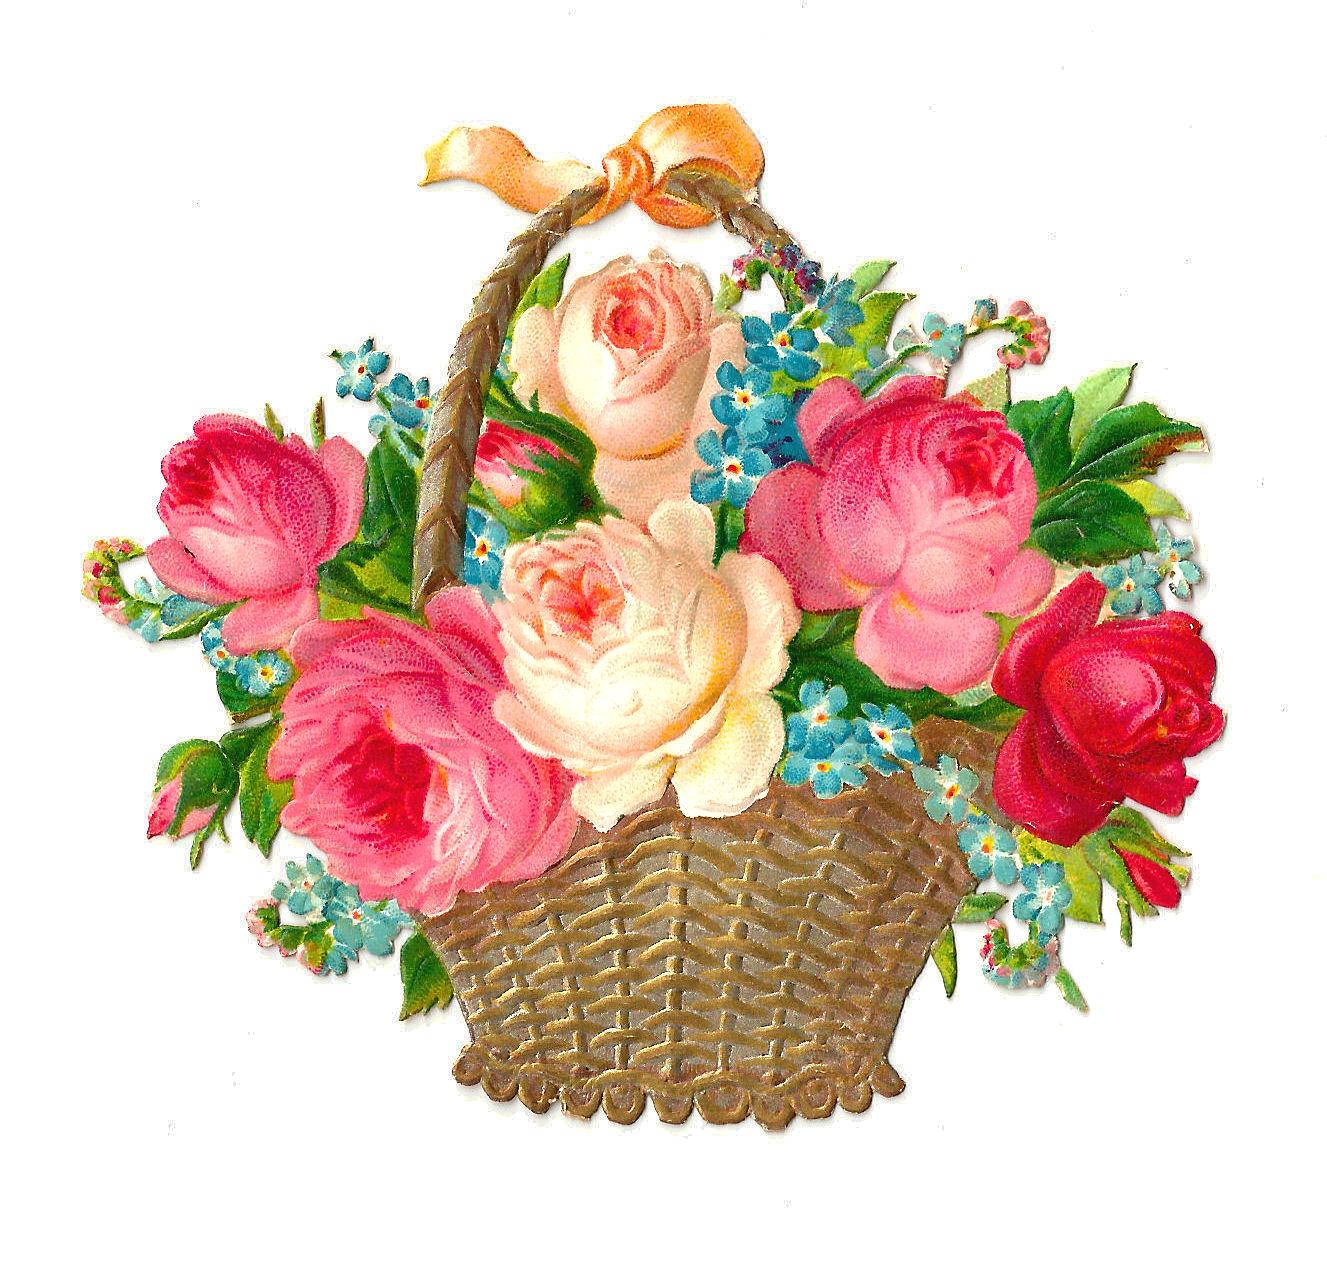 Gift clipart flower basket #8 - Gift Basket PNG HD